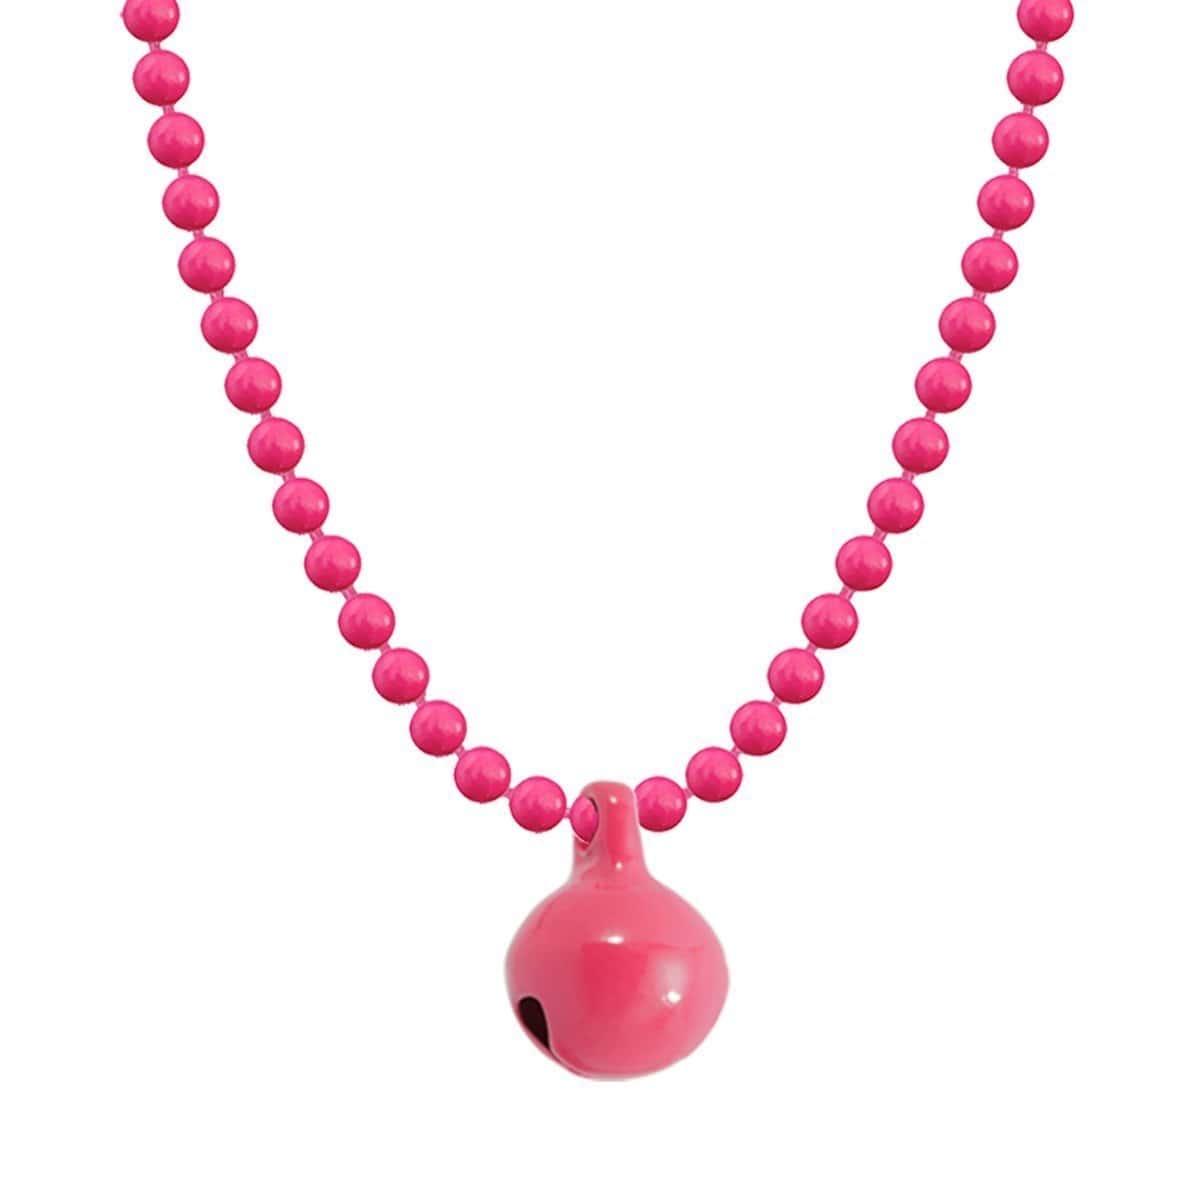 Allumette Neon Bell Necklace - Neon Pink